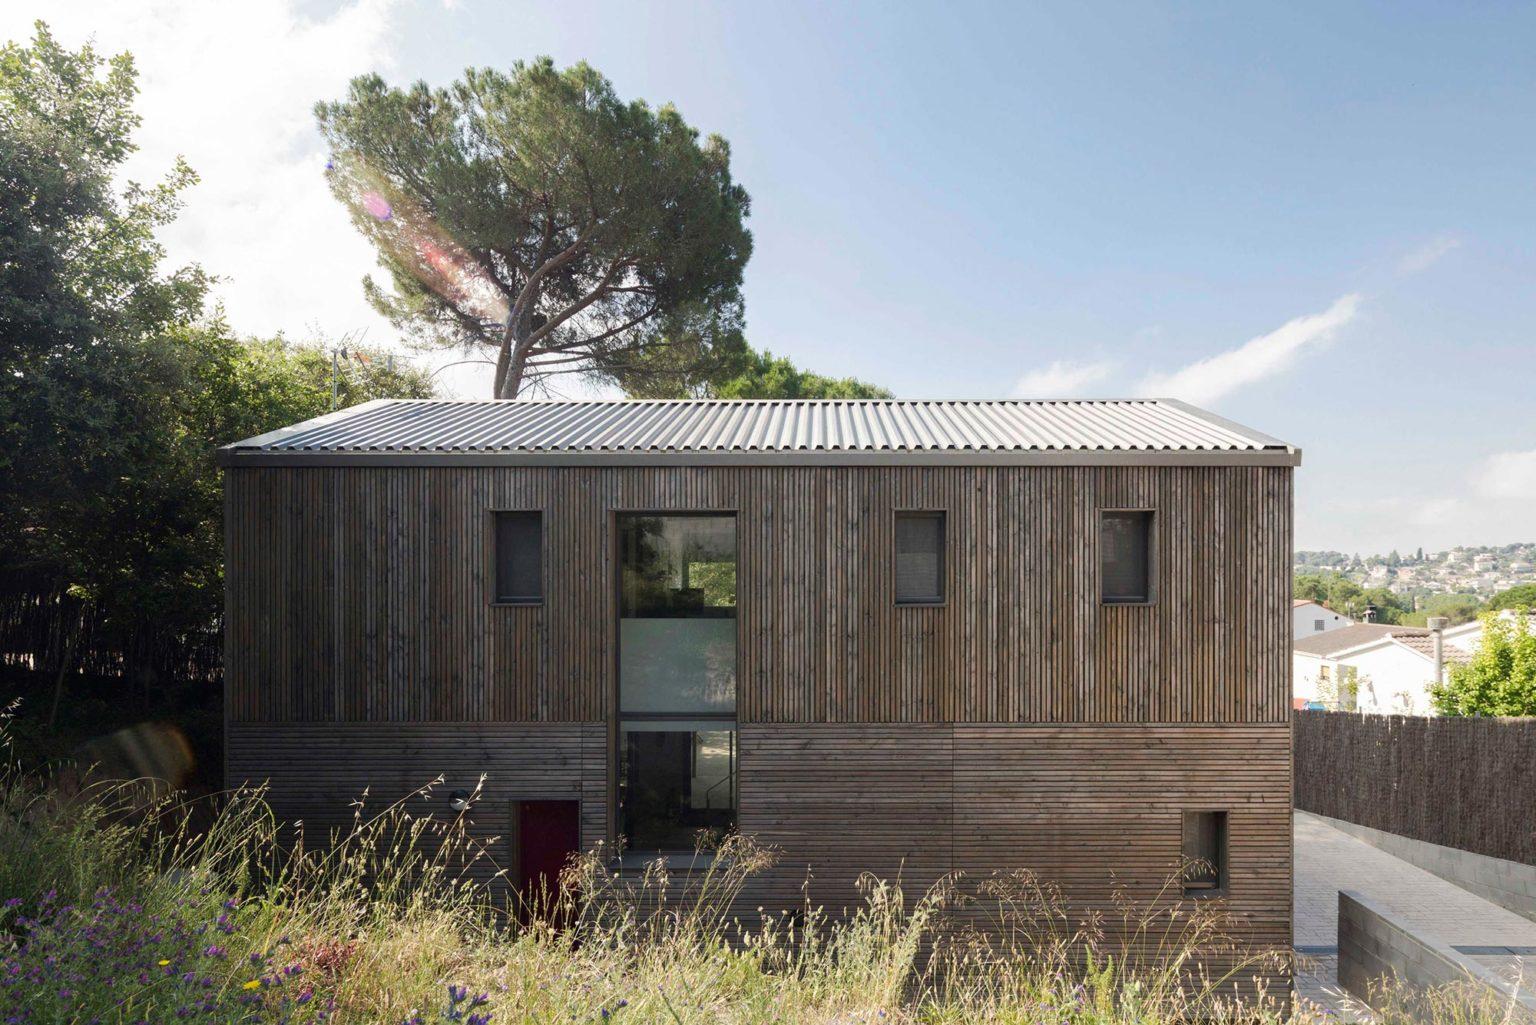 BUD Arquitectura Casas sanas Casa Roots sostenible ecoeficiente casa de madera integrada en el entorno climatización sana sostenible